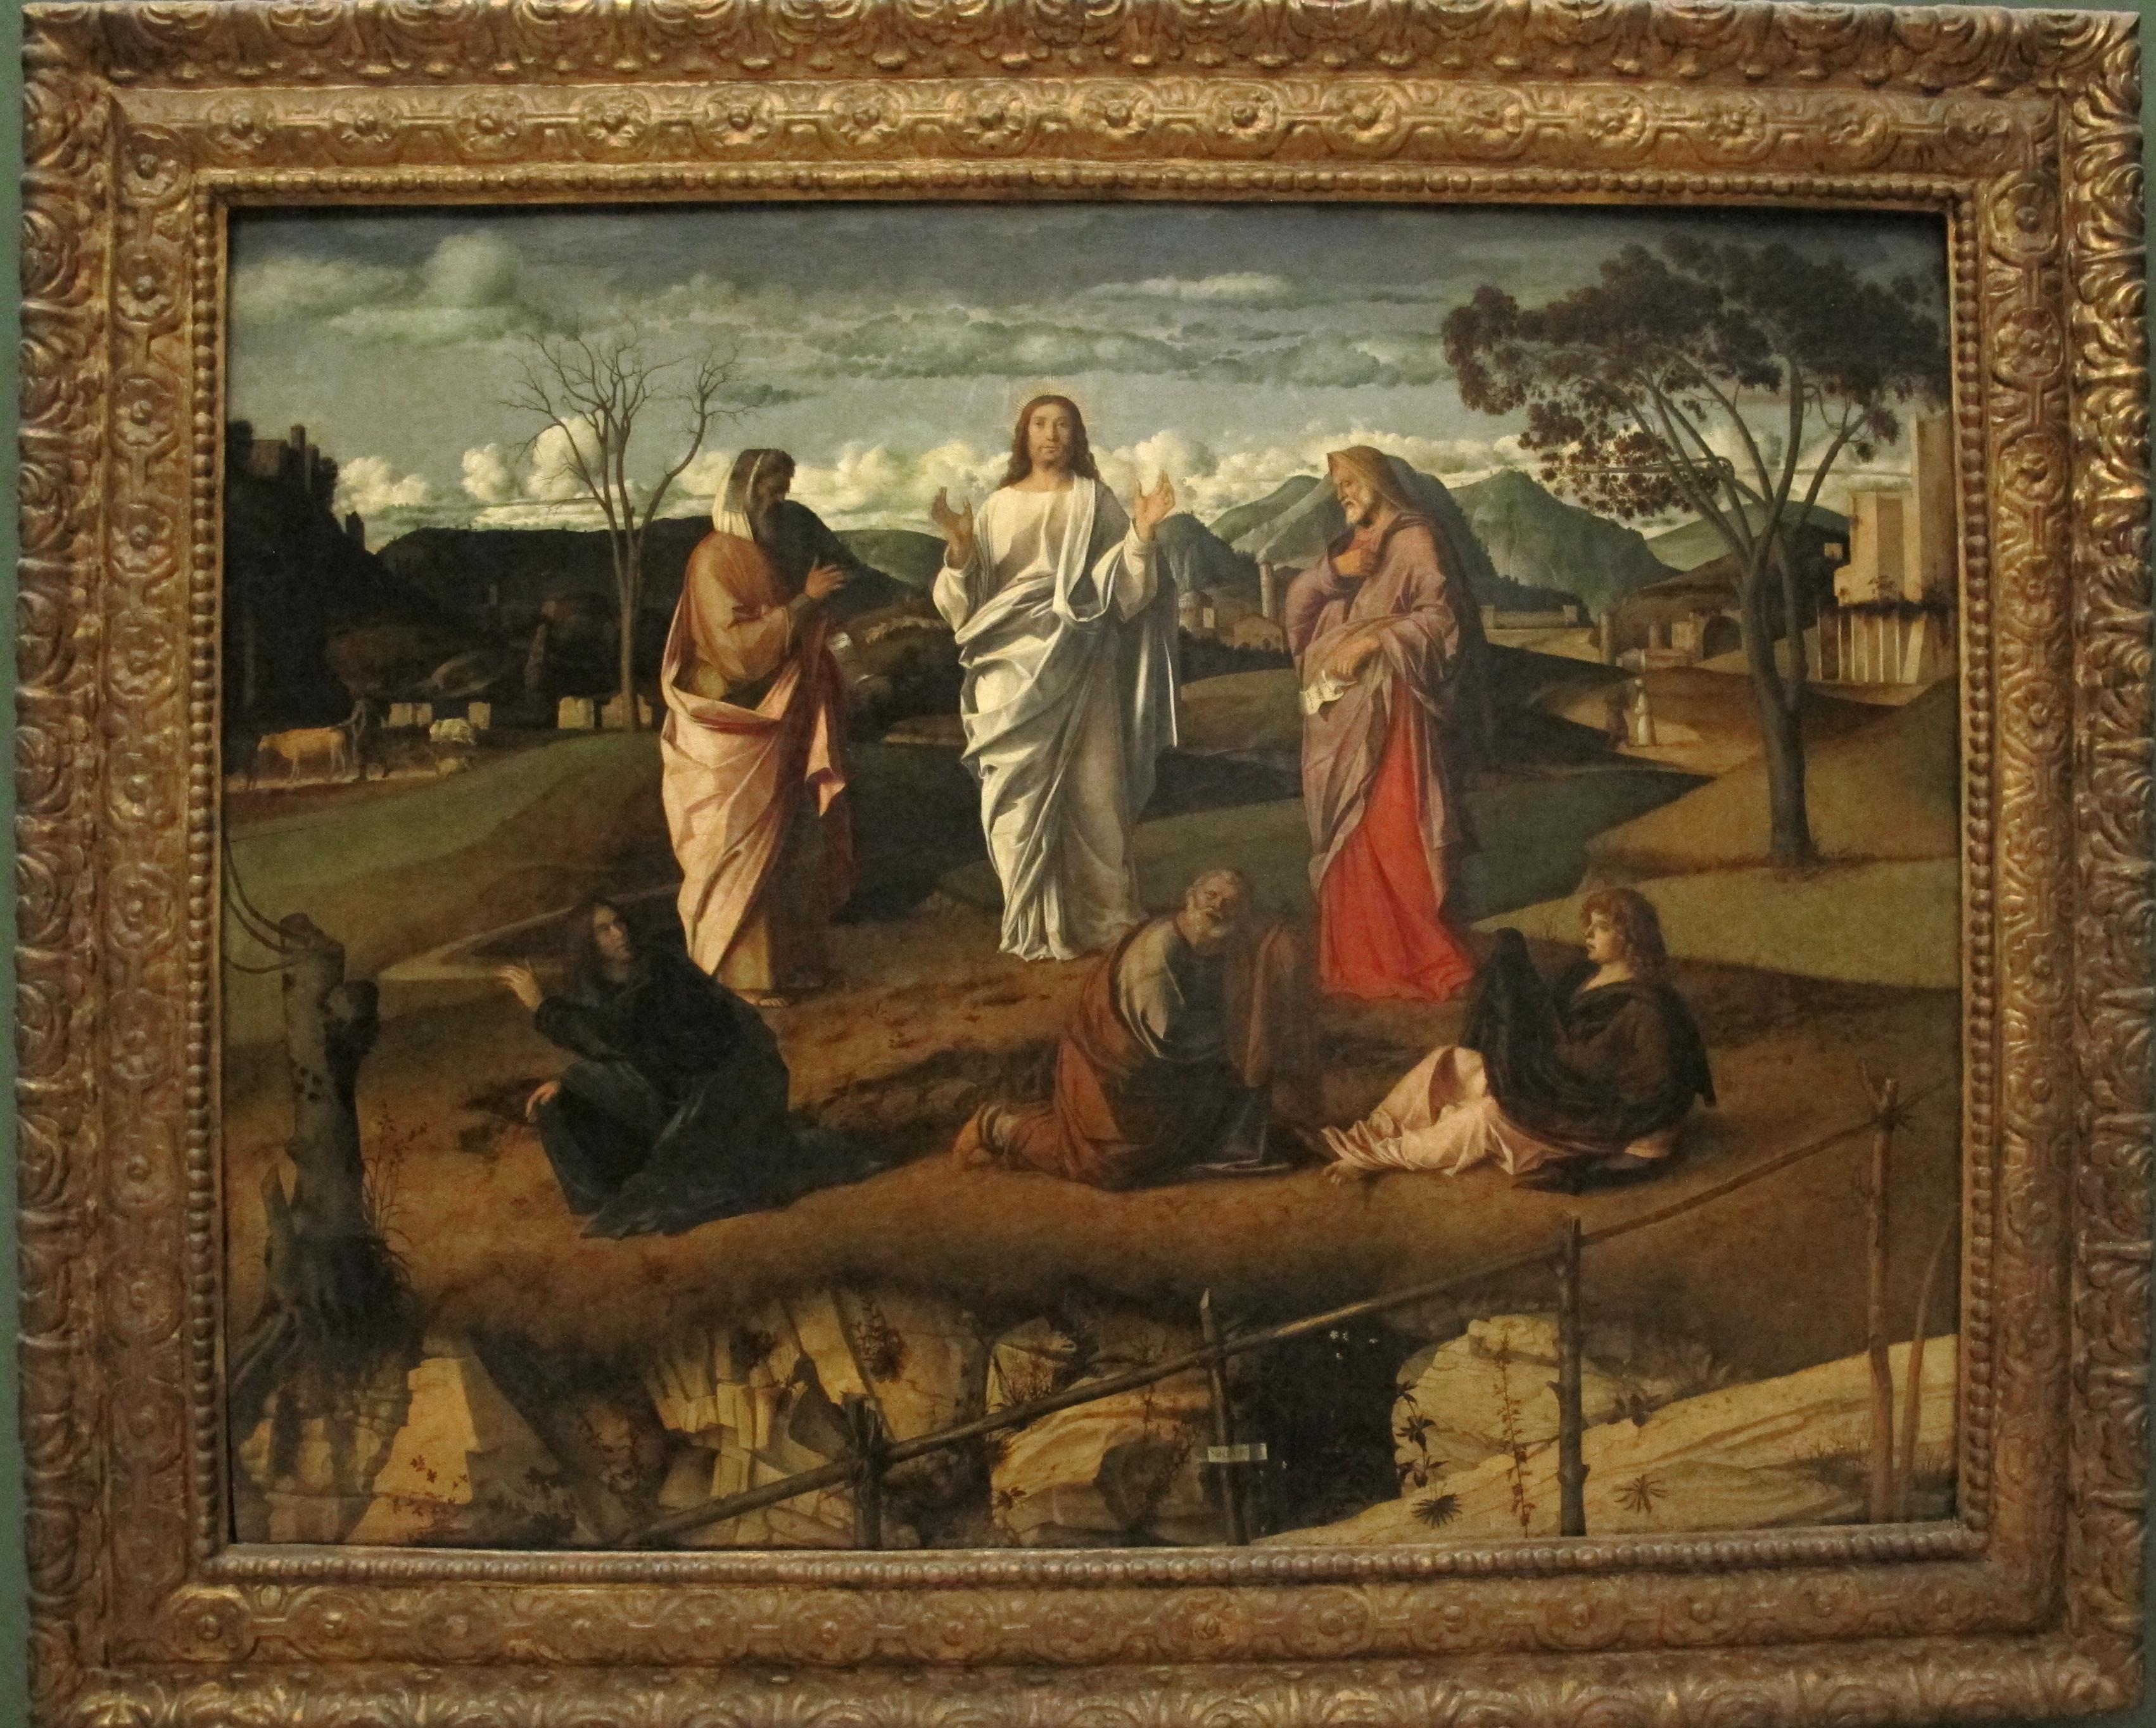 File:Giovanni bellini, trasfigurazione, 1478-79, Q56, 01.JPG